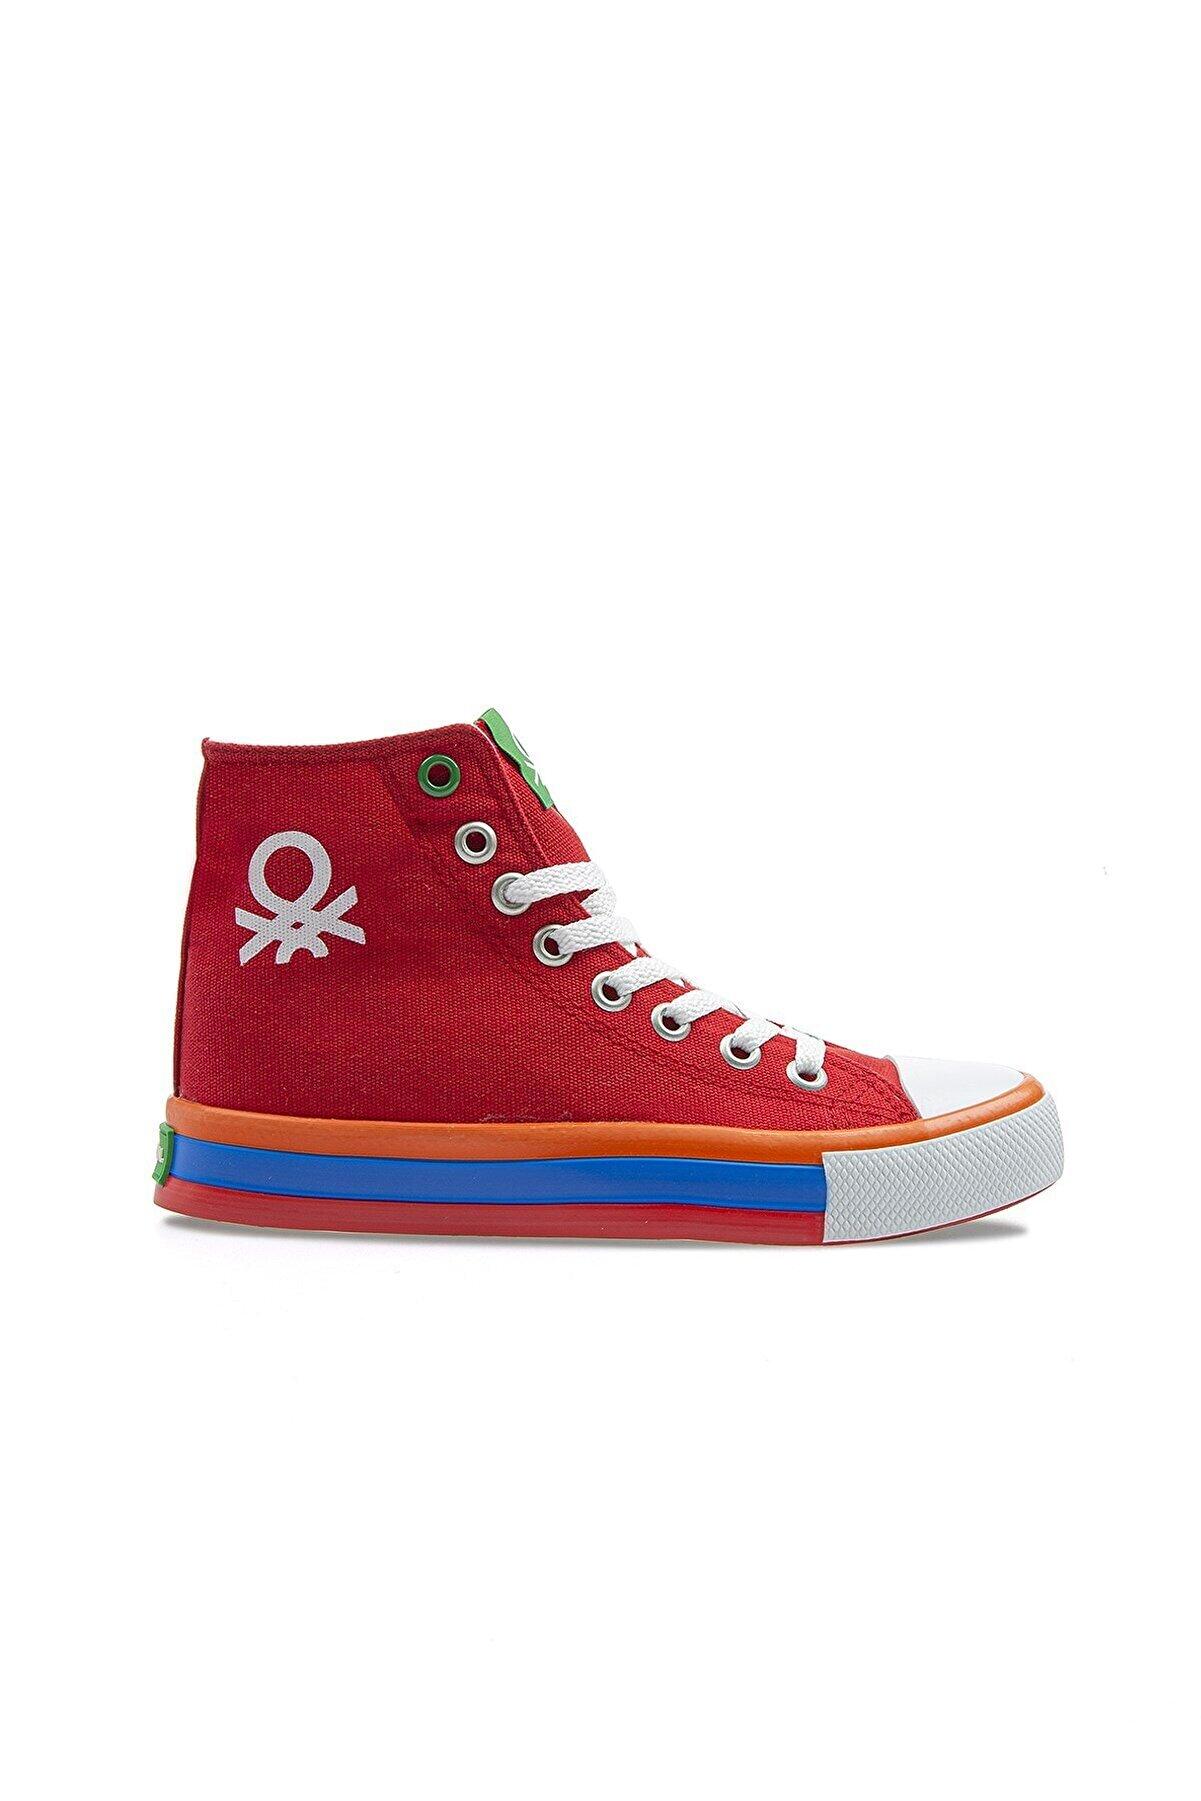 Benetton Kadın Kırmızı Bağcıklı Spor Ayakkabı